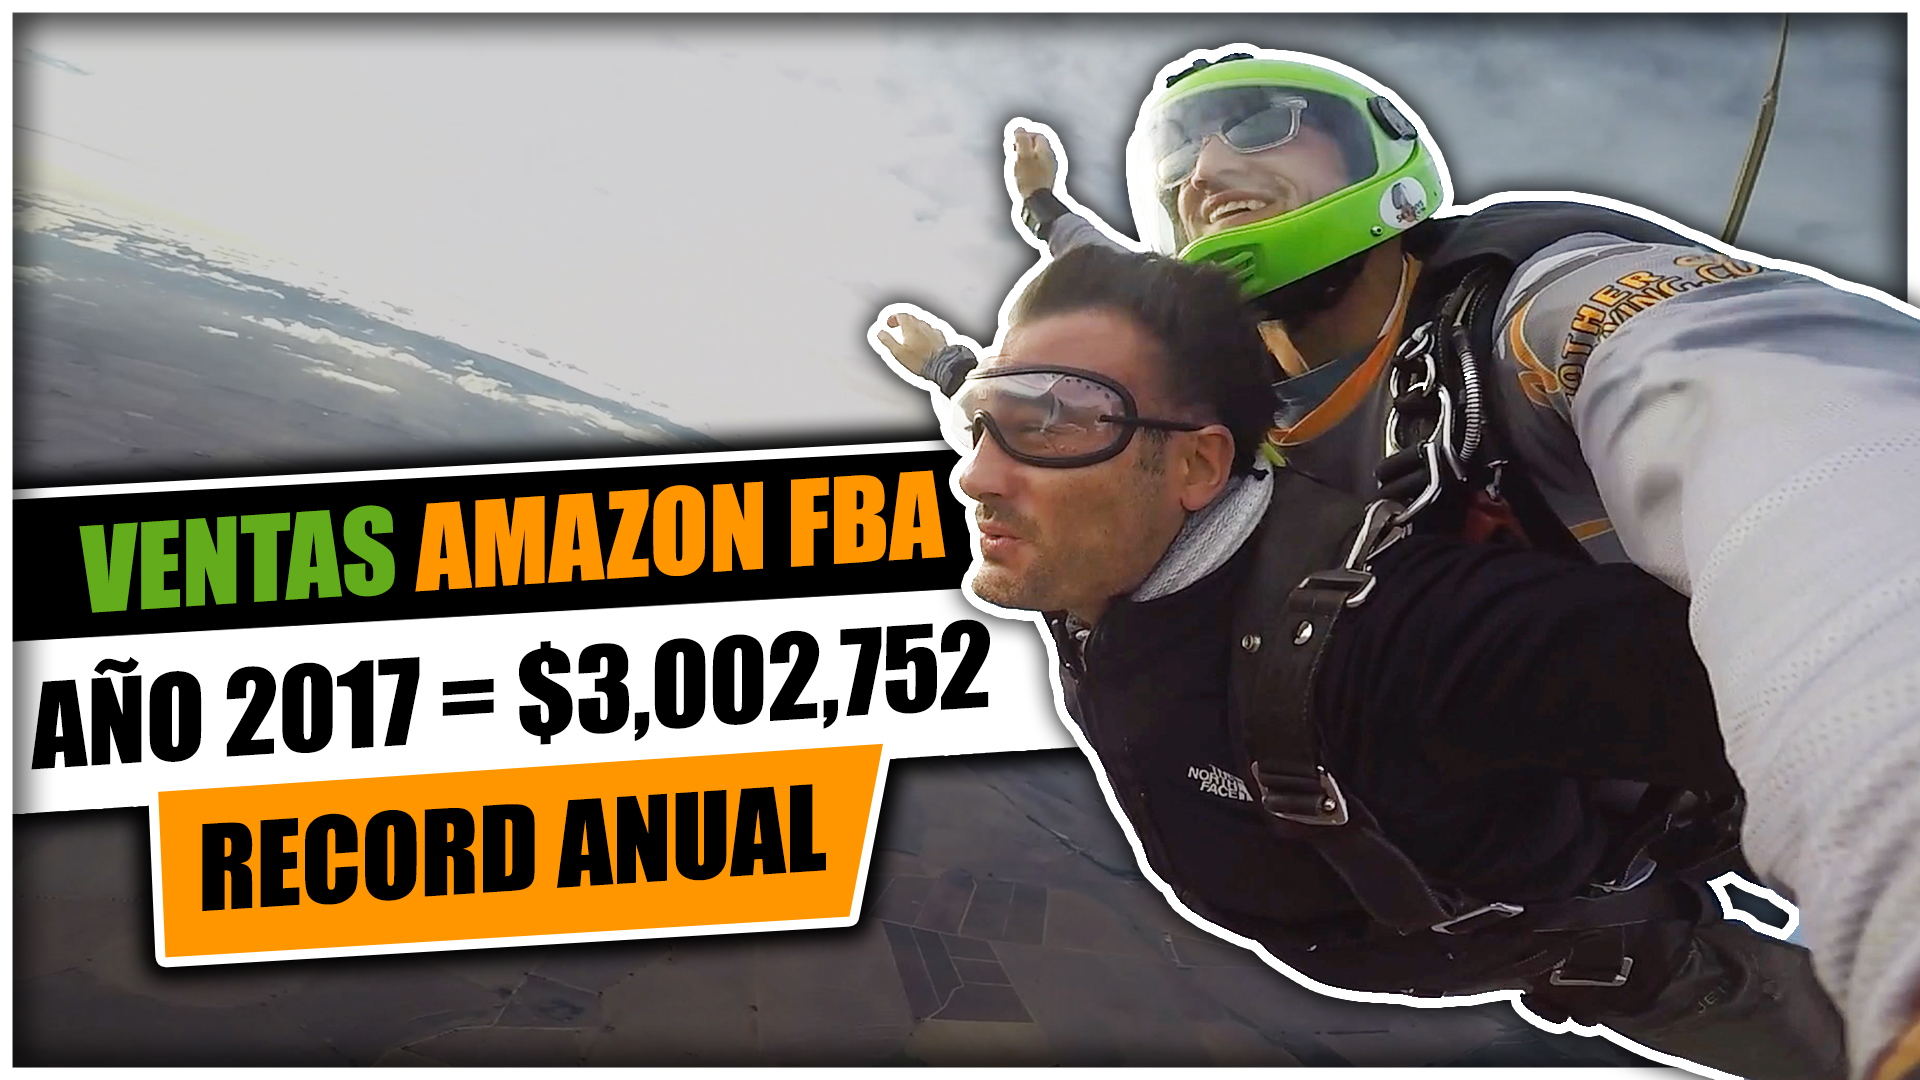 Ventas Amazon FBA 2017